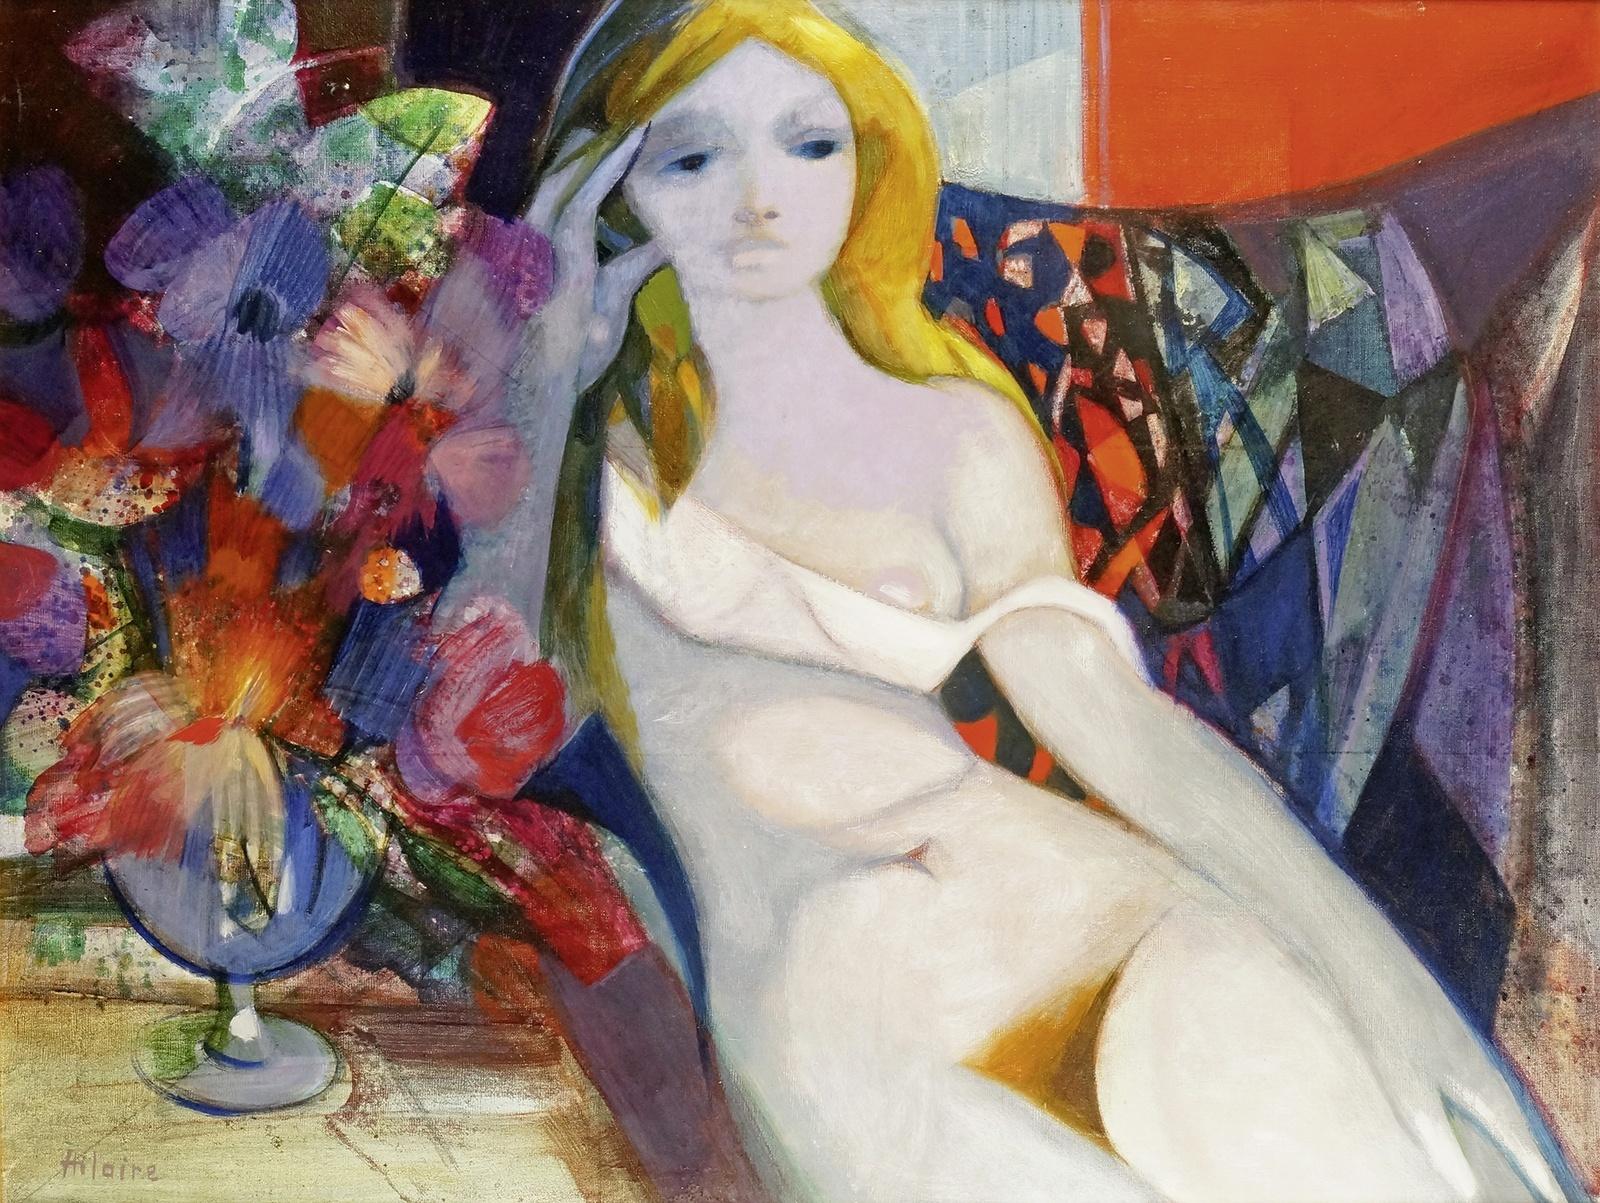 Камиль Илер, 1974, Обнаженная с букетом цветов (Nu Au Bouquet De Fleurs), 89 х 116 см. Частное собрание